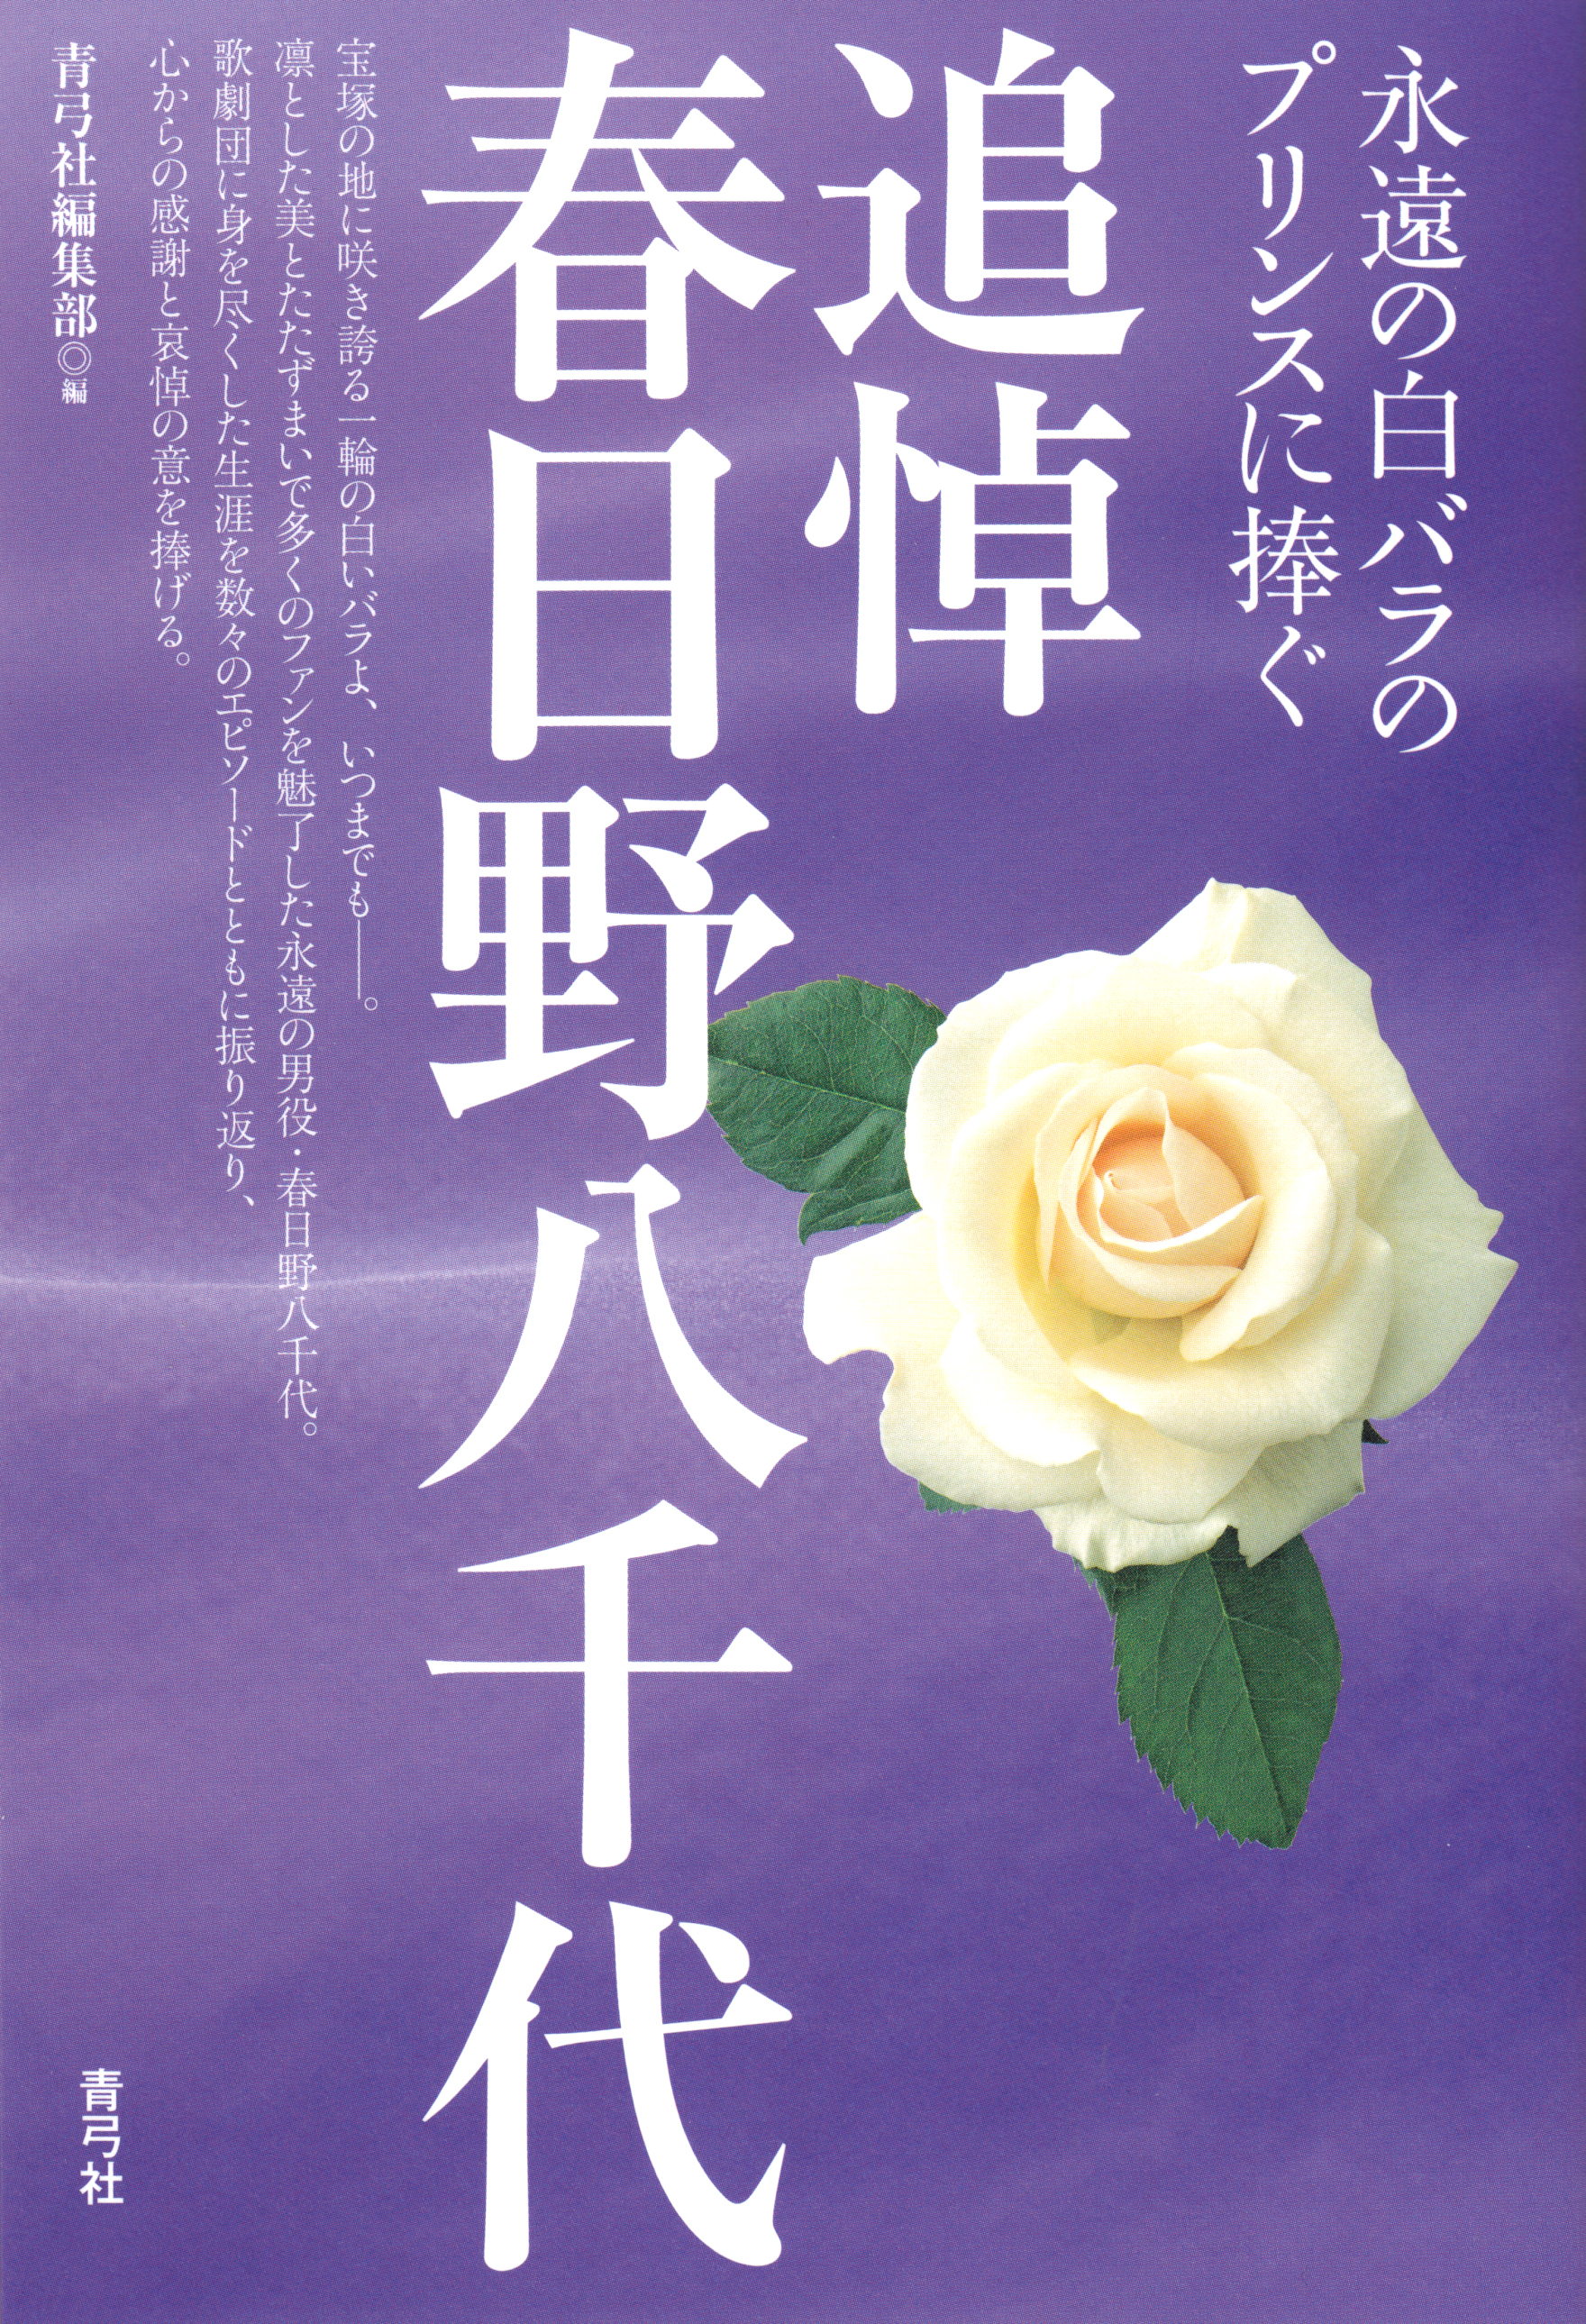 宝塚イズム 22